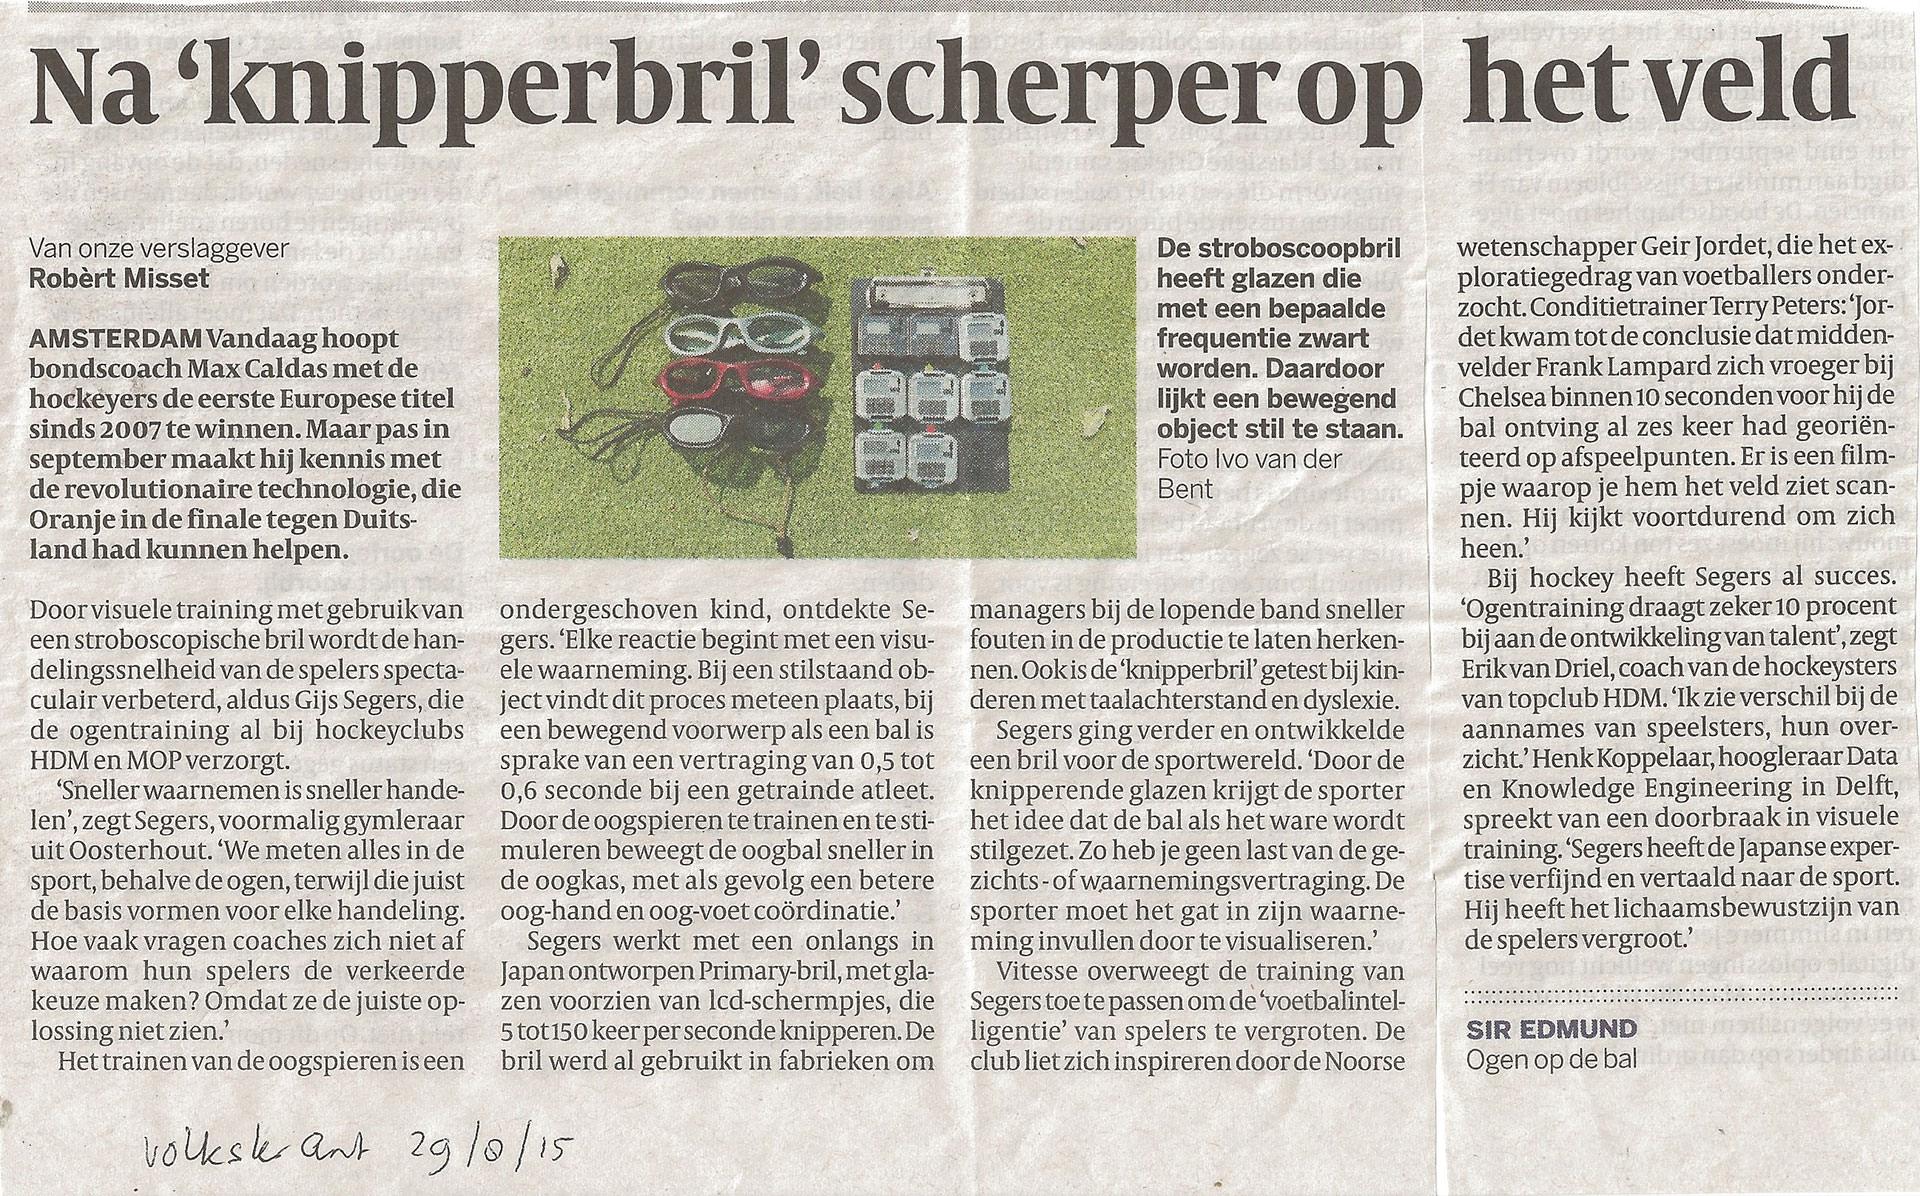 Artikel Volkskrant - Na 'knipperbril' scherper op het veld